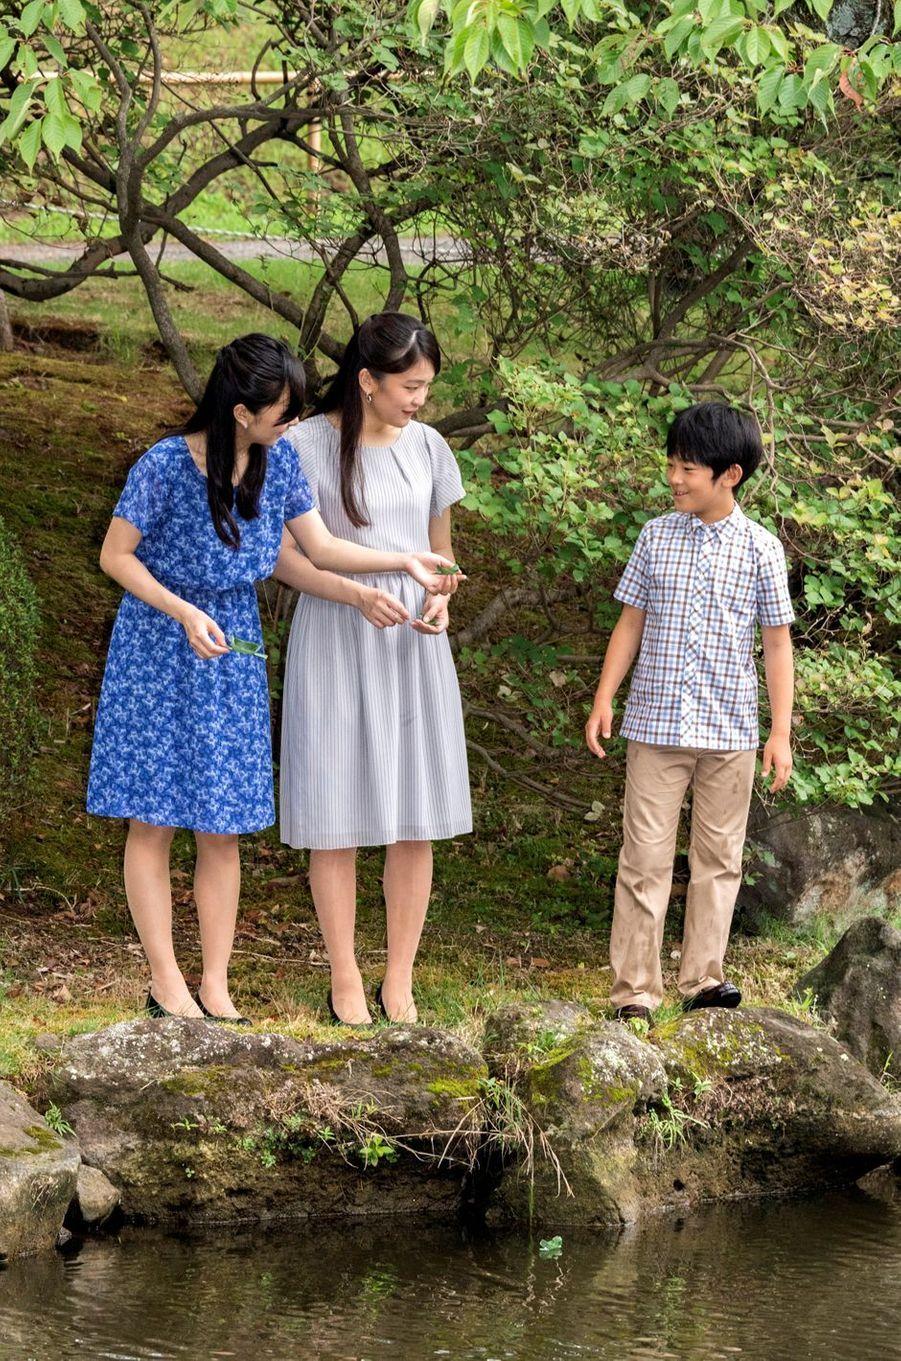 Le prince Hisahito du Japon et ses soeurs les princesses Kako et Mako à Tokyo, le 14 août 2017